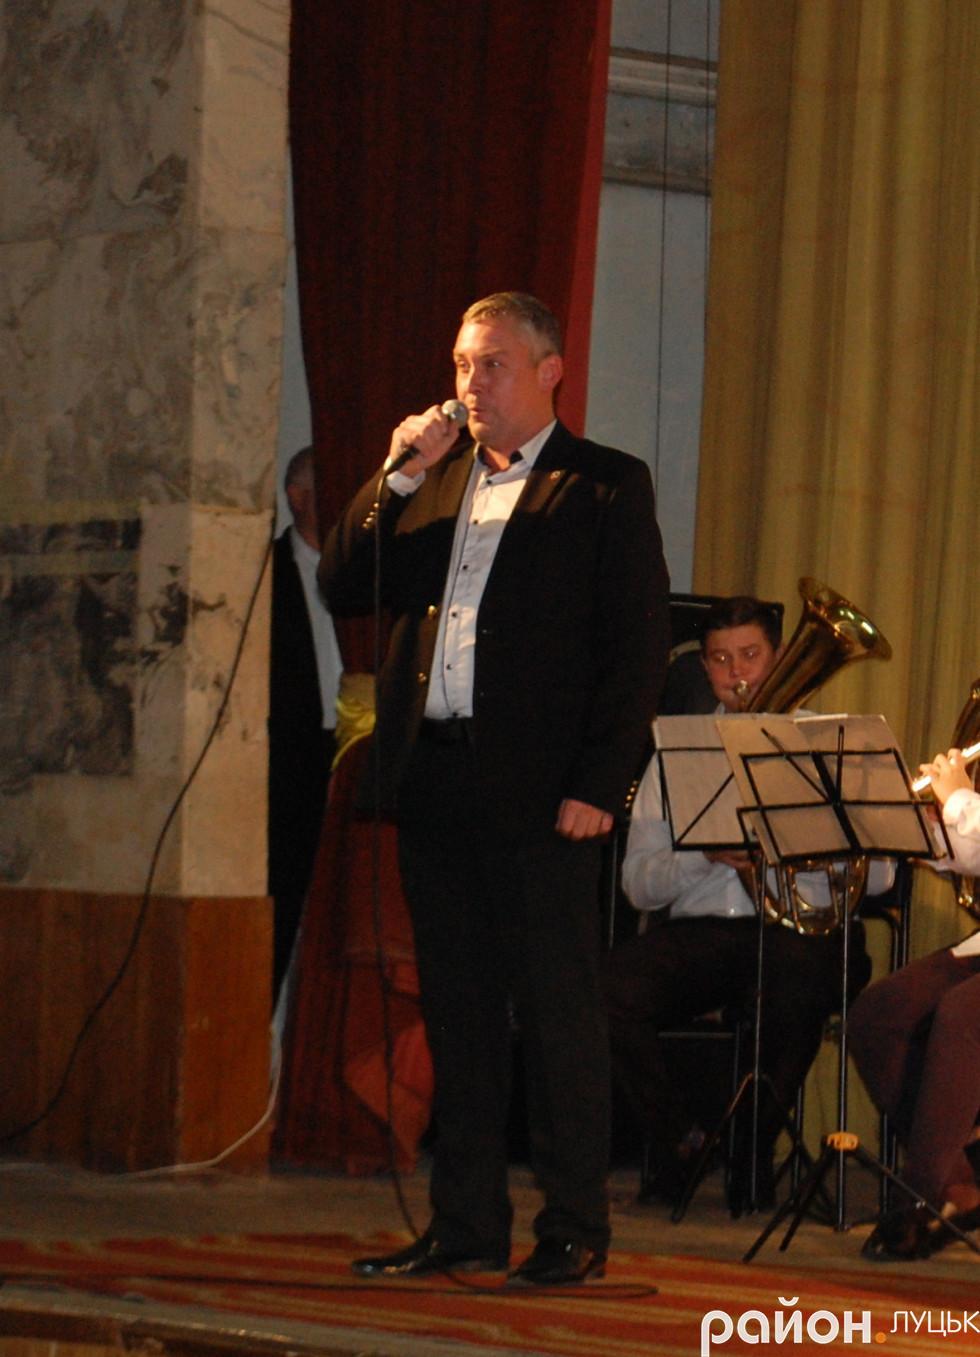 Соліст, що співав на концерті